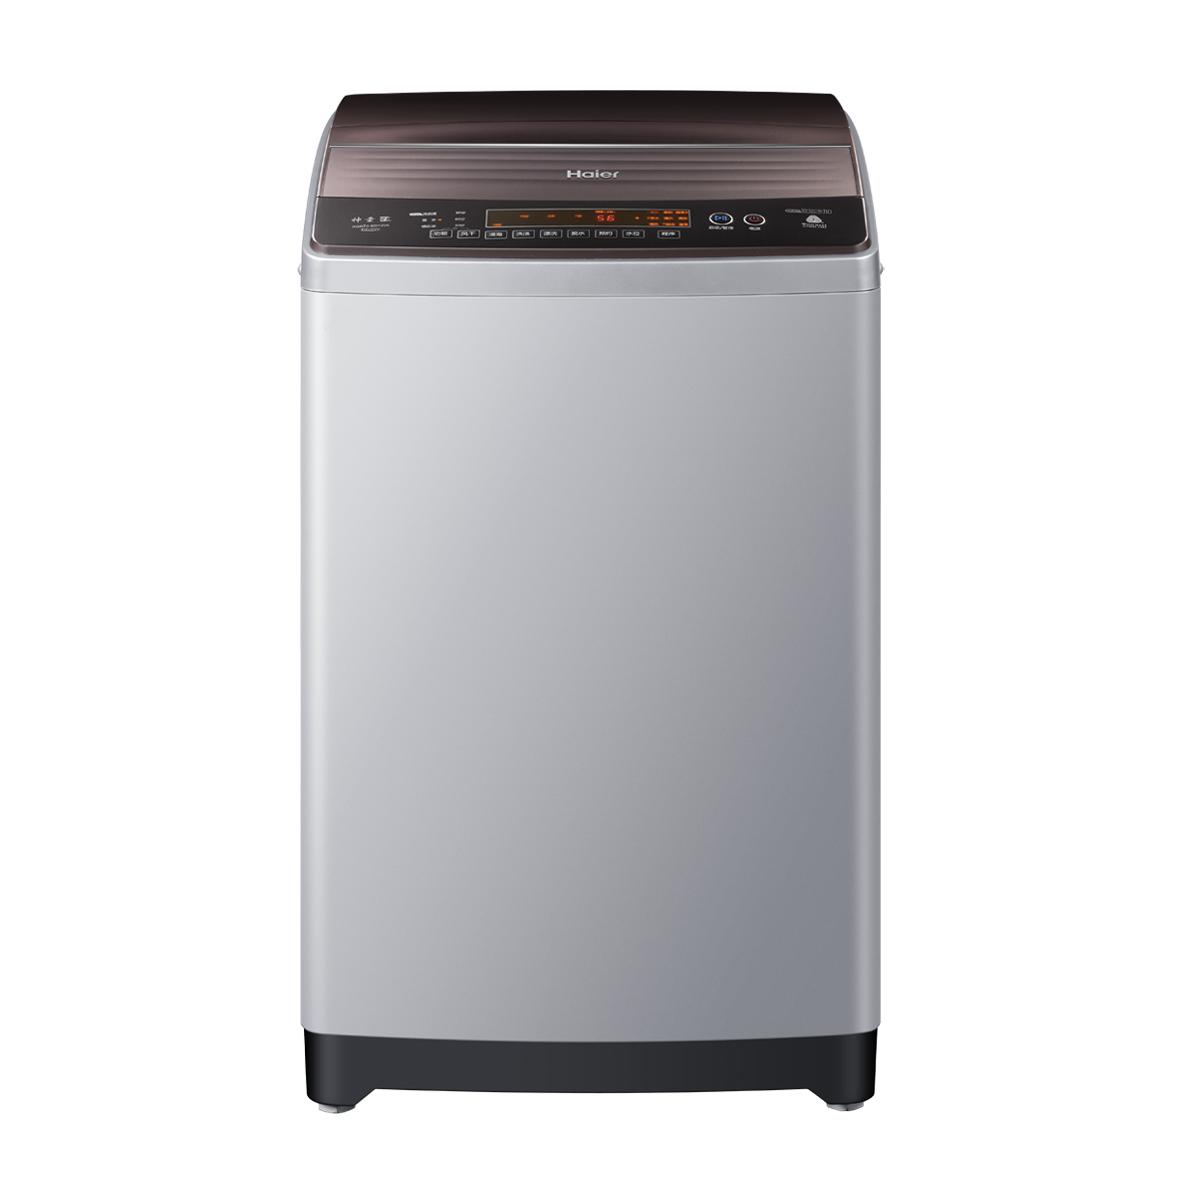 海尔Haier洗衣机 XQB70-SD1226 说明书